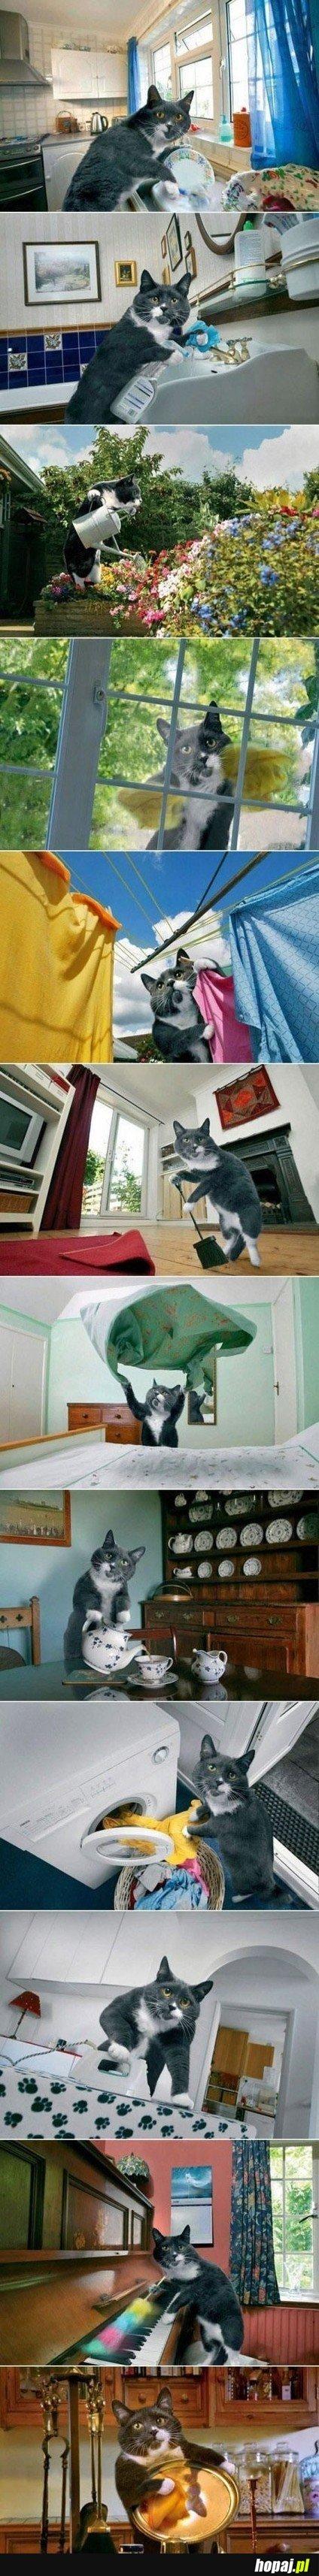 Co można zrobić z jednym zdjęciem kota?